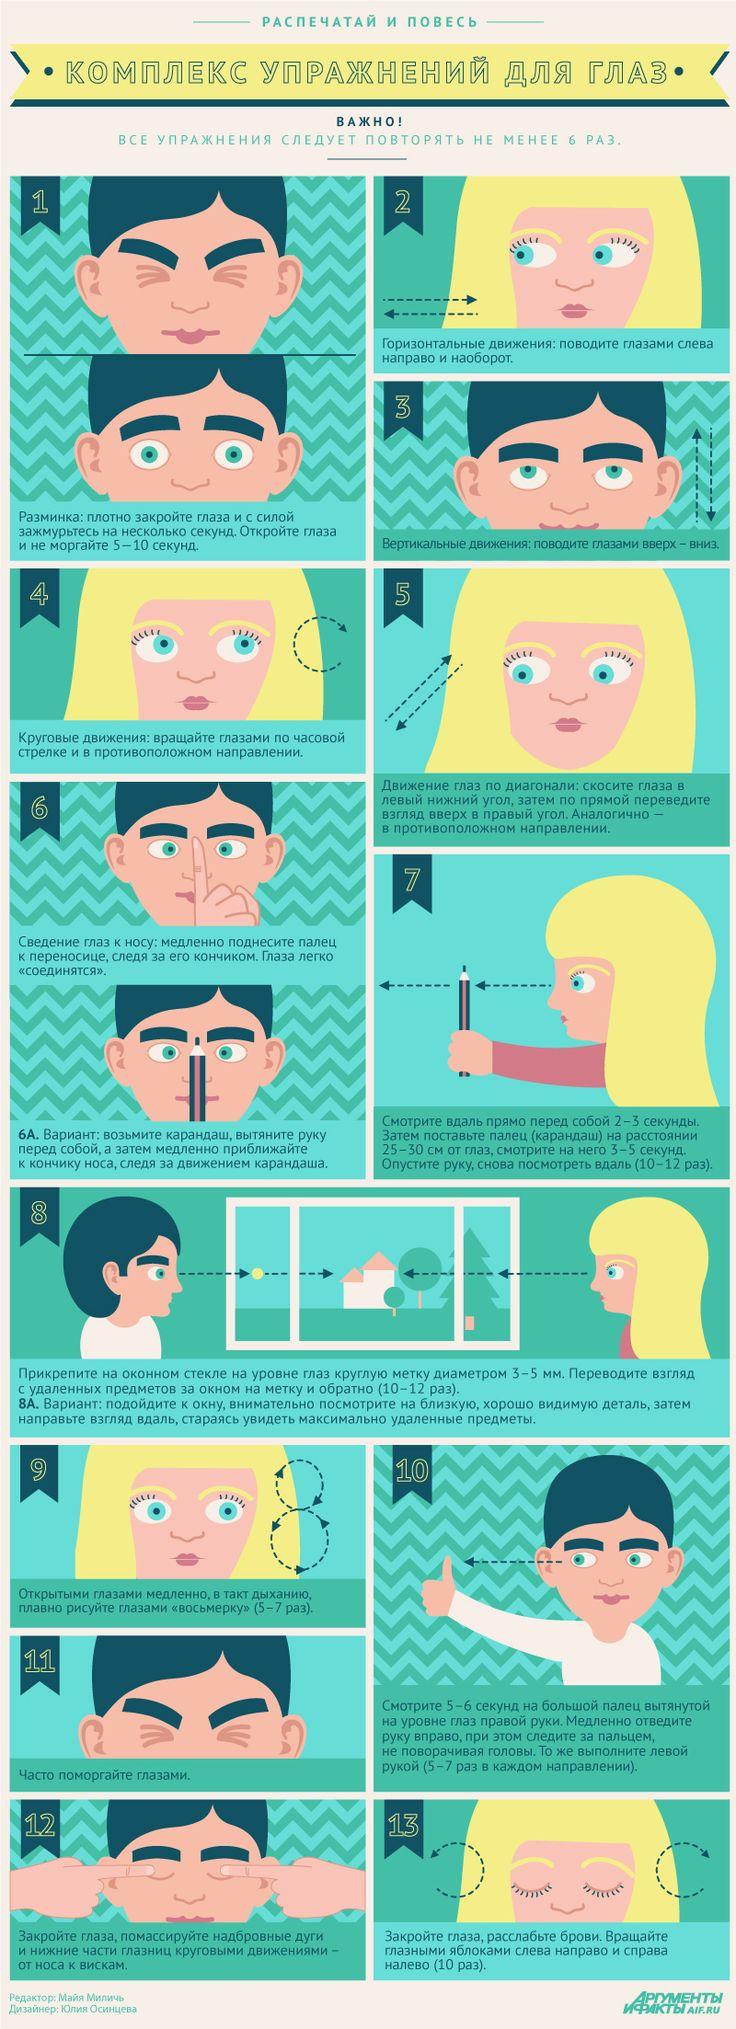 Как улучшить зрение в домашних условиях: средствами 39